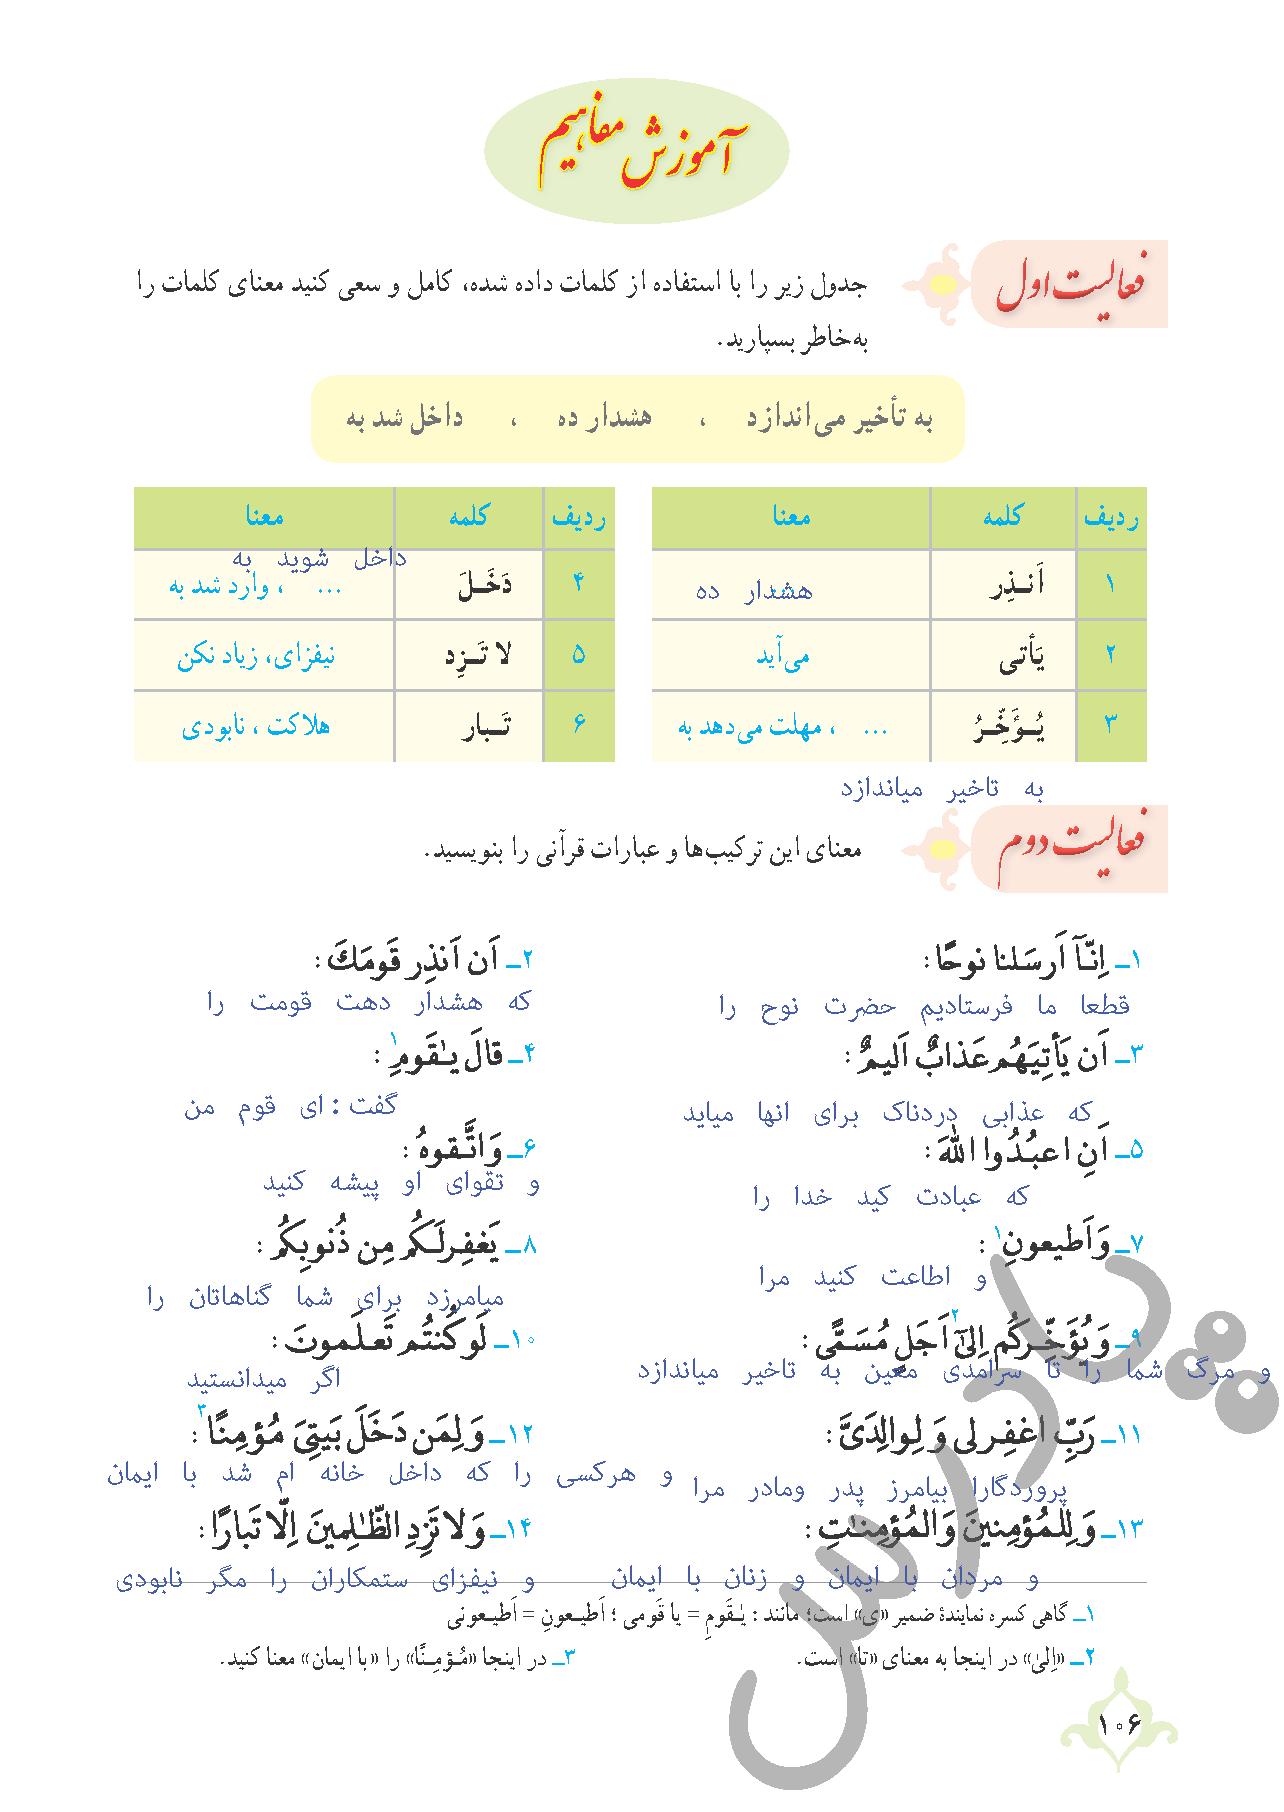 پاسخ فعالیت درس10 قرآن نهم بخش اول